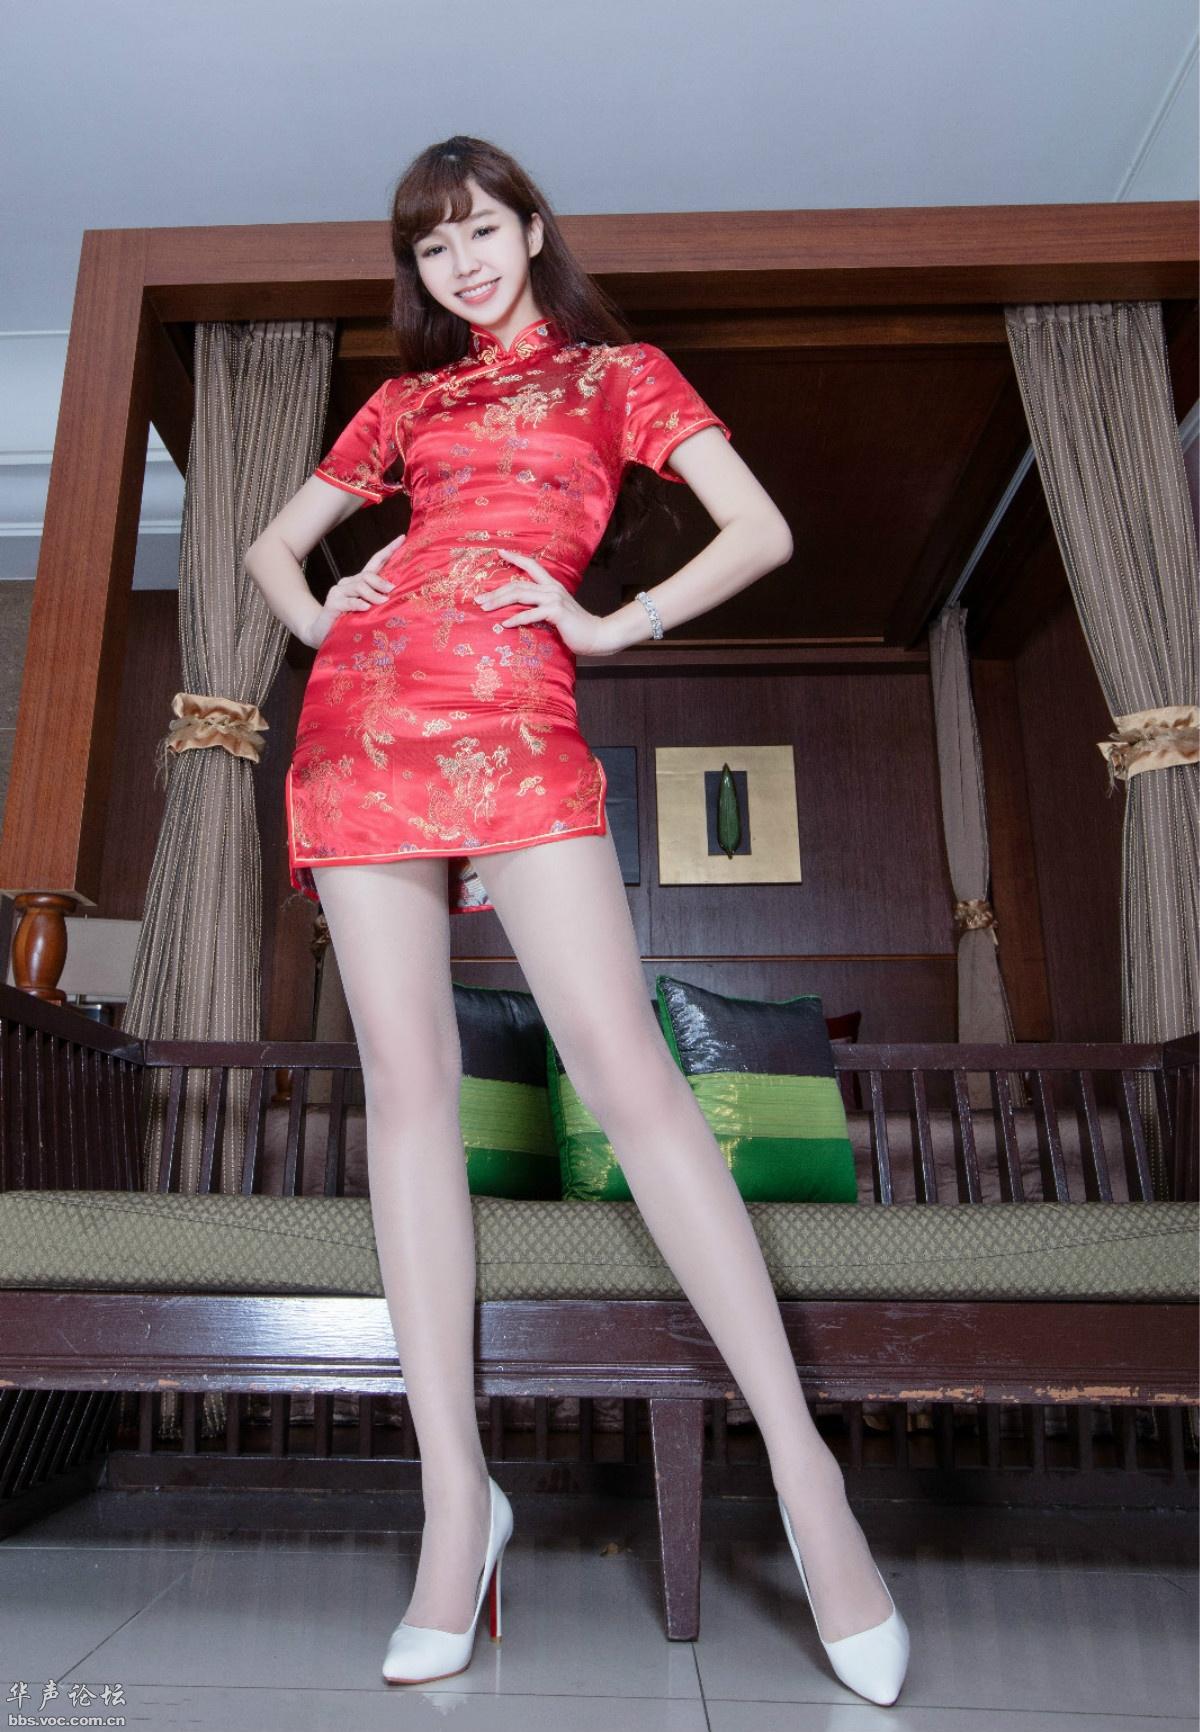 丽柜美模美腿秀4 - 花開有聲 - 花開有聲